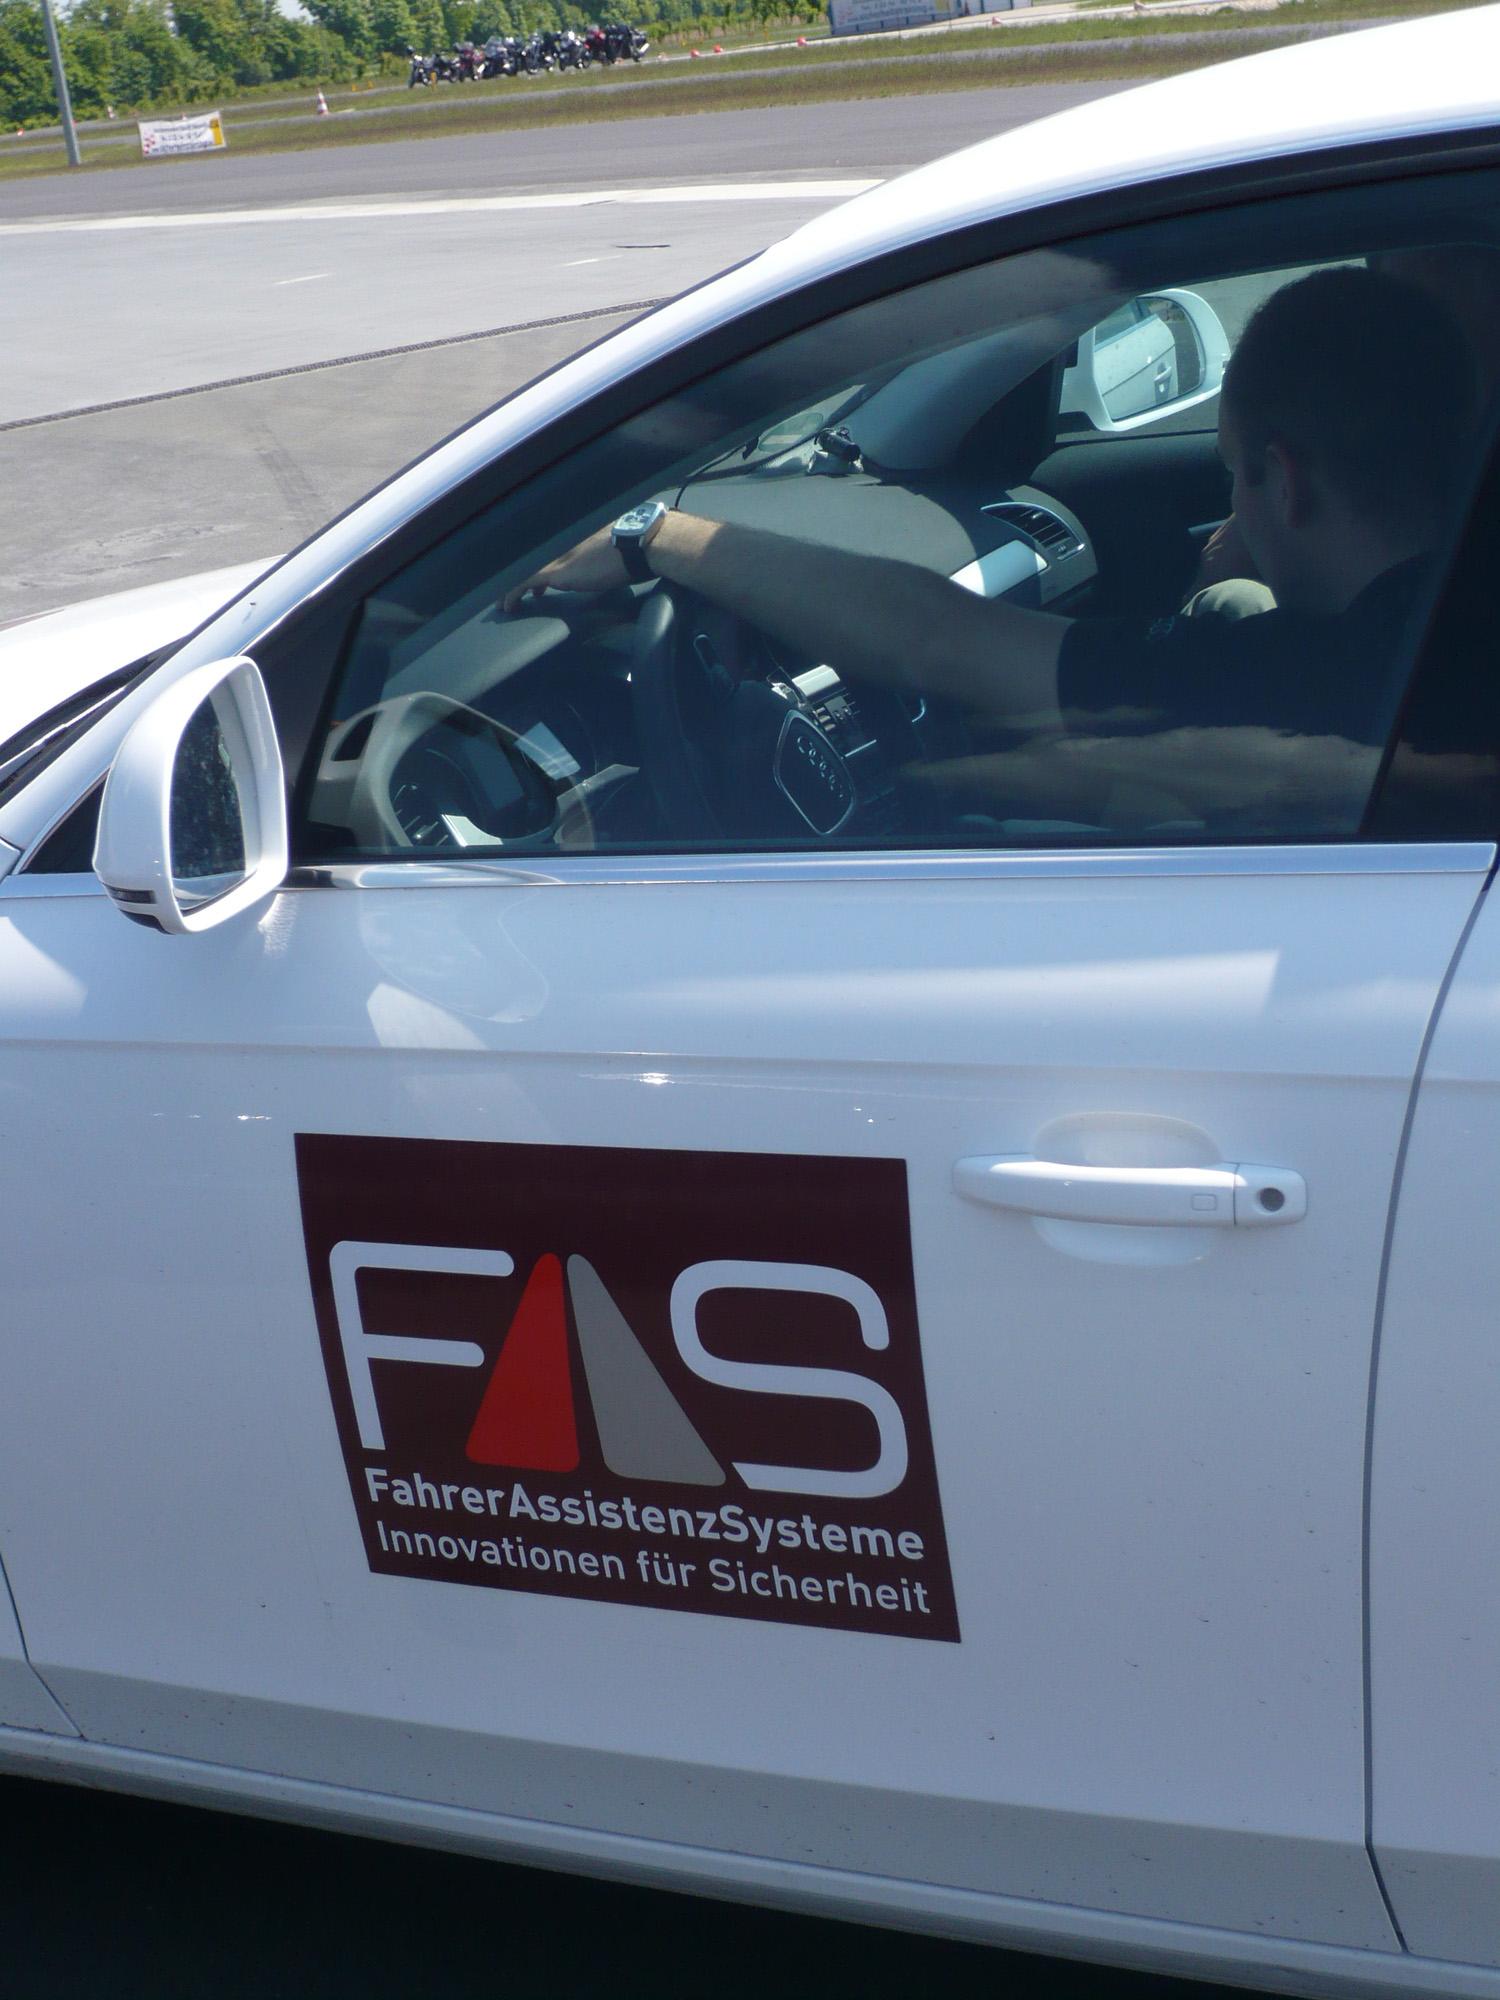 Auch Hersteller Audi setzt seit einiger Zeit auf die Fahrerassistenzsysteme